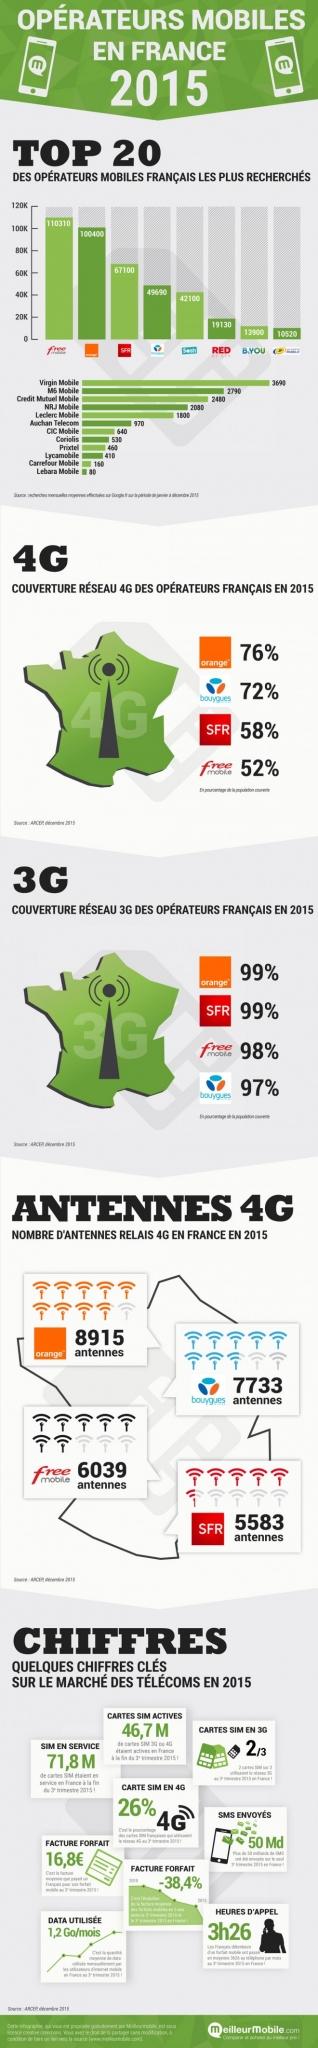 Infographie : les chiffres clés des opérateurs mobiles en France 2015